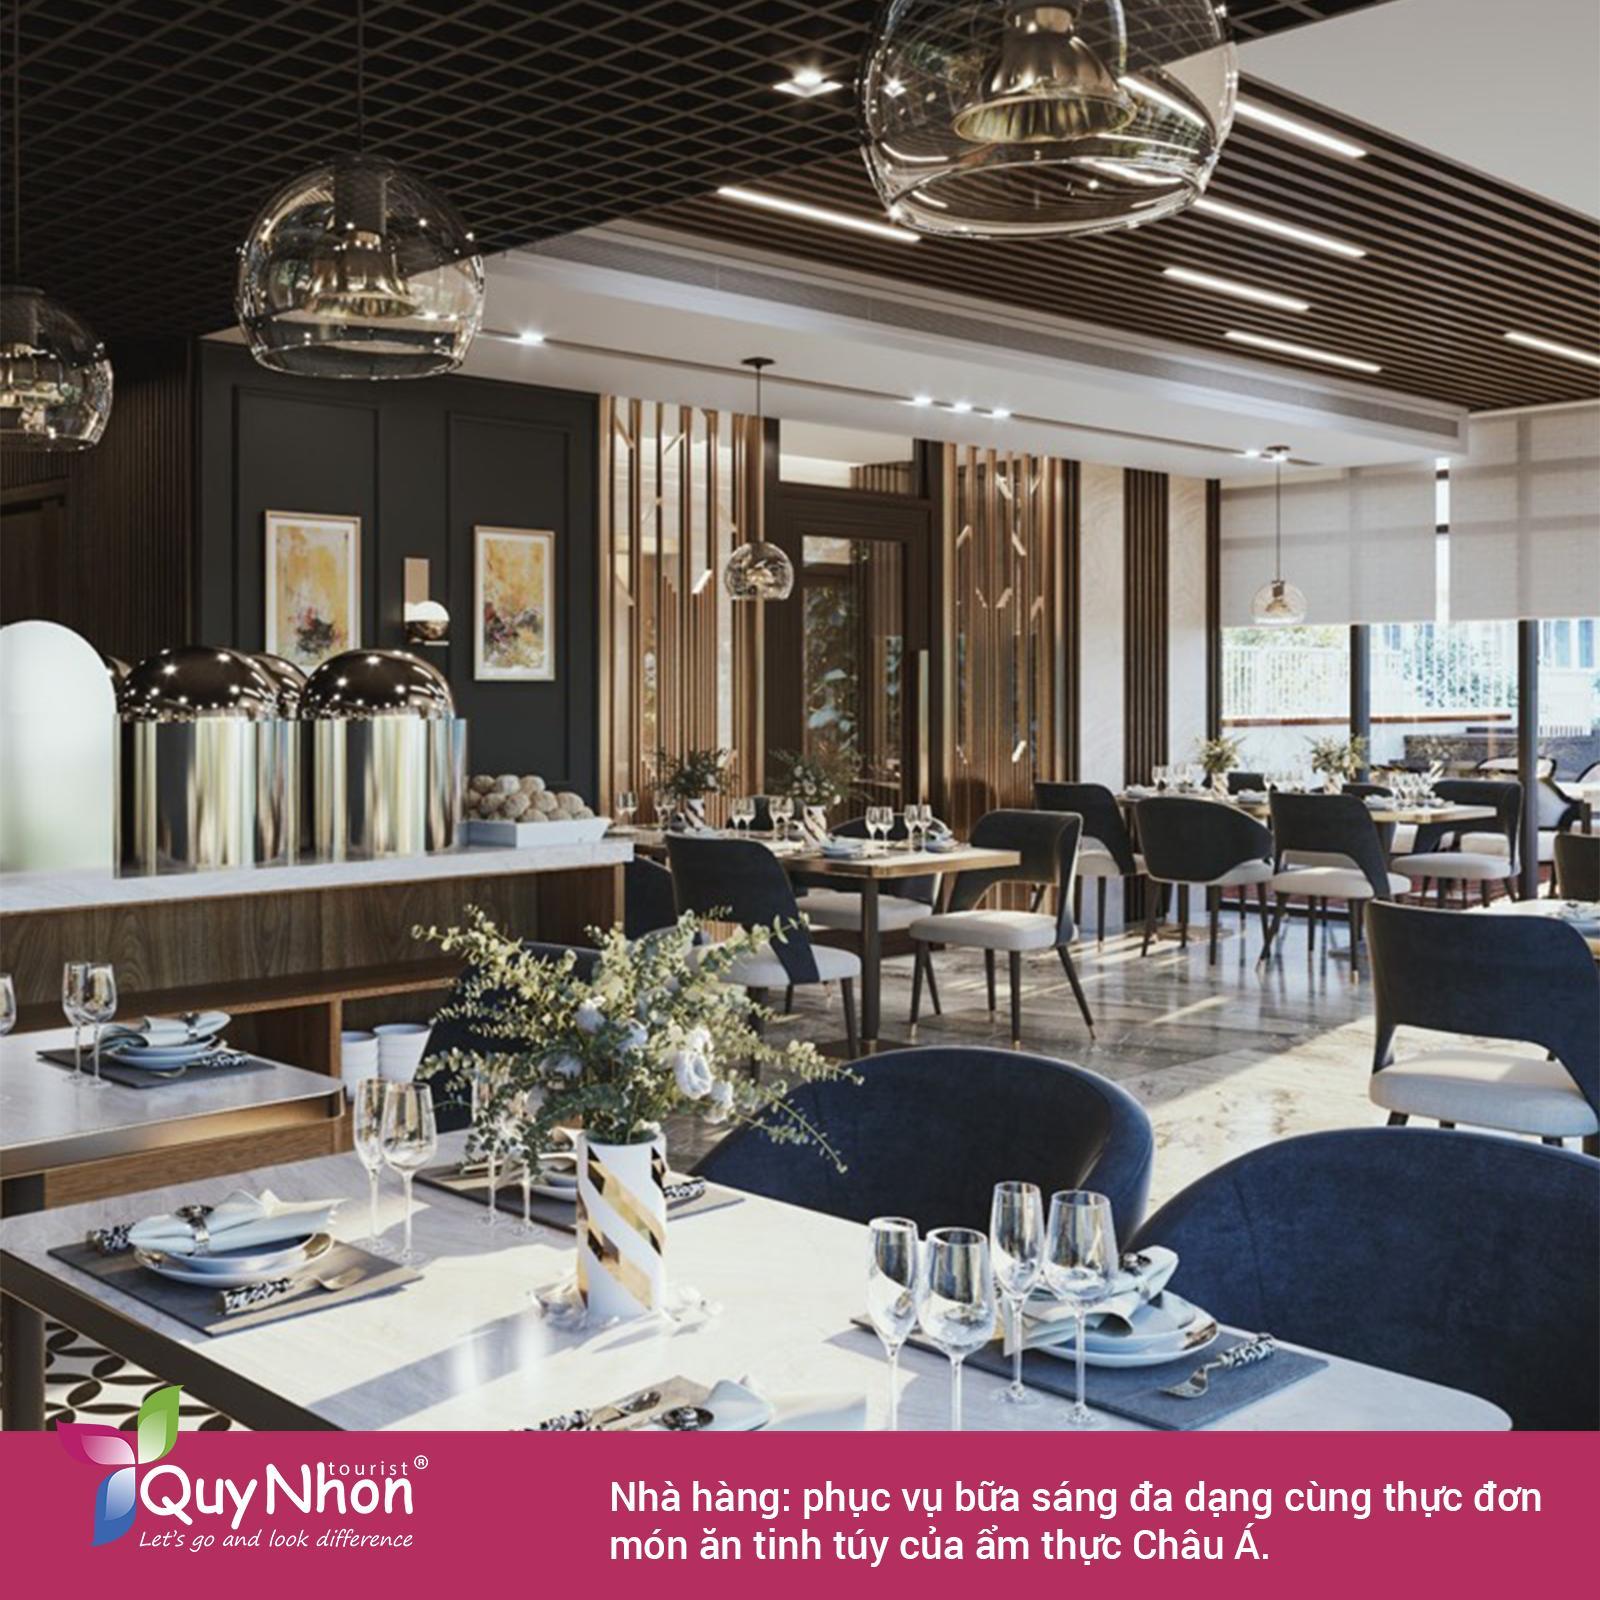 Meria Hotel Quy Nhơn - khu vực nhà hàng.